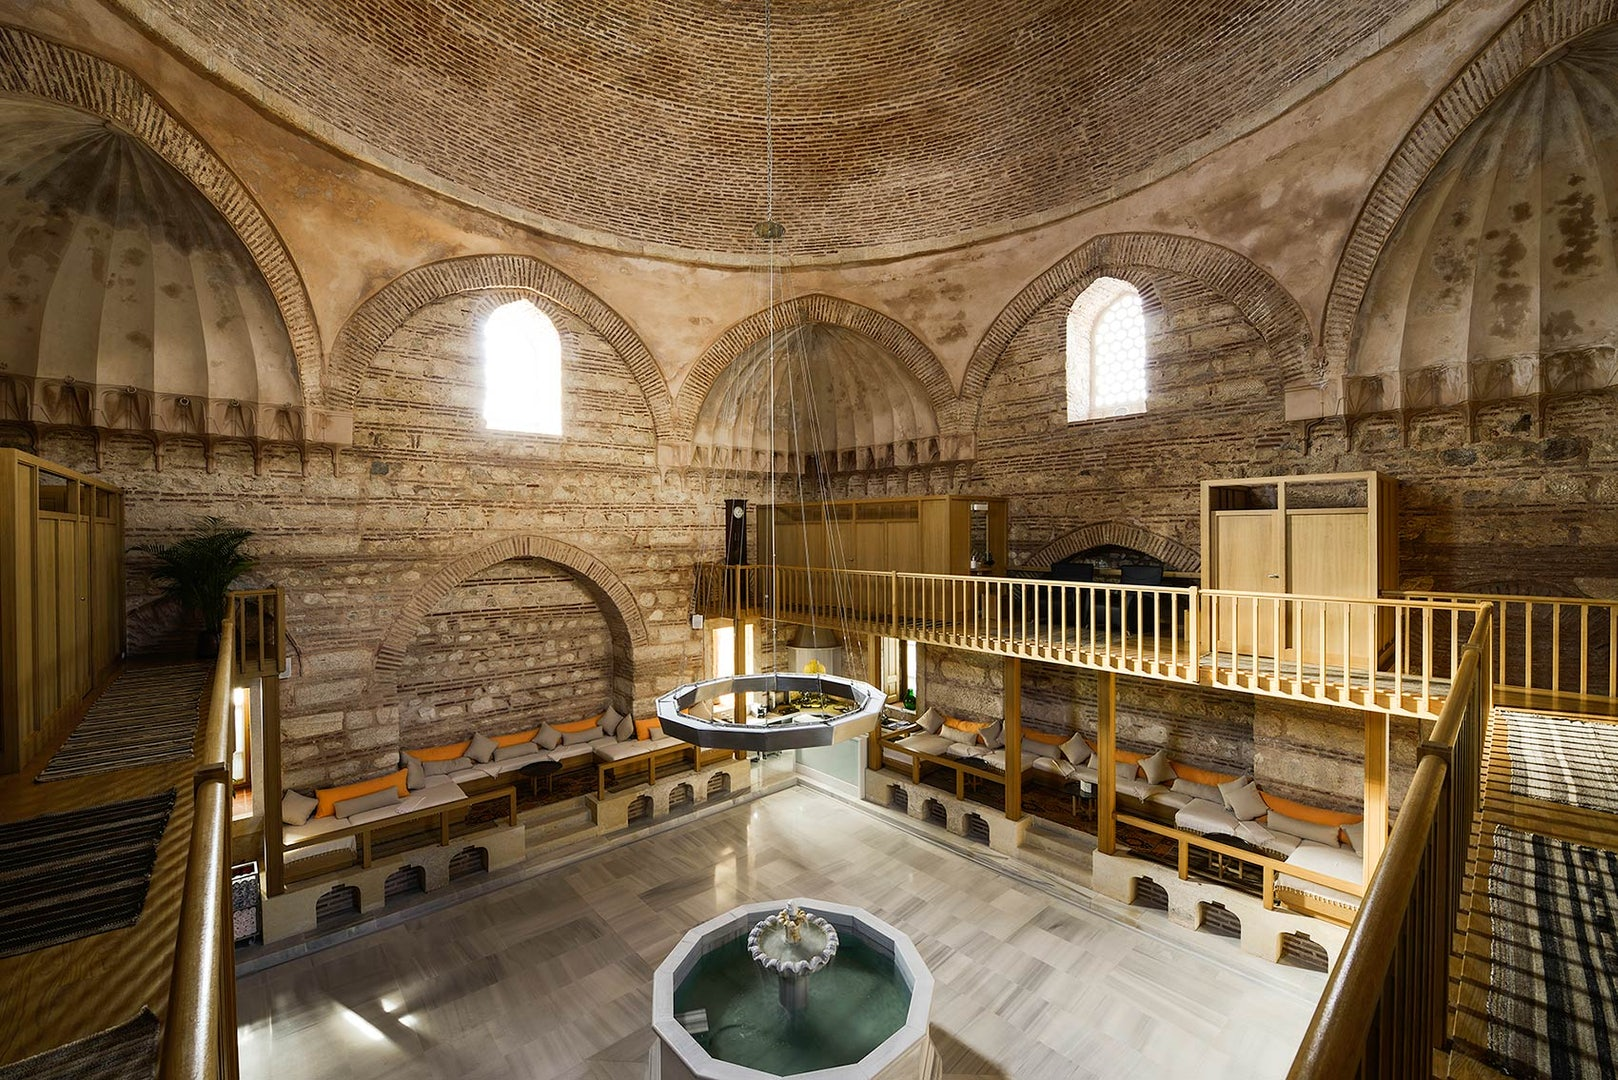 interior of Kiliç Ali Paşa Hamam